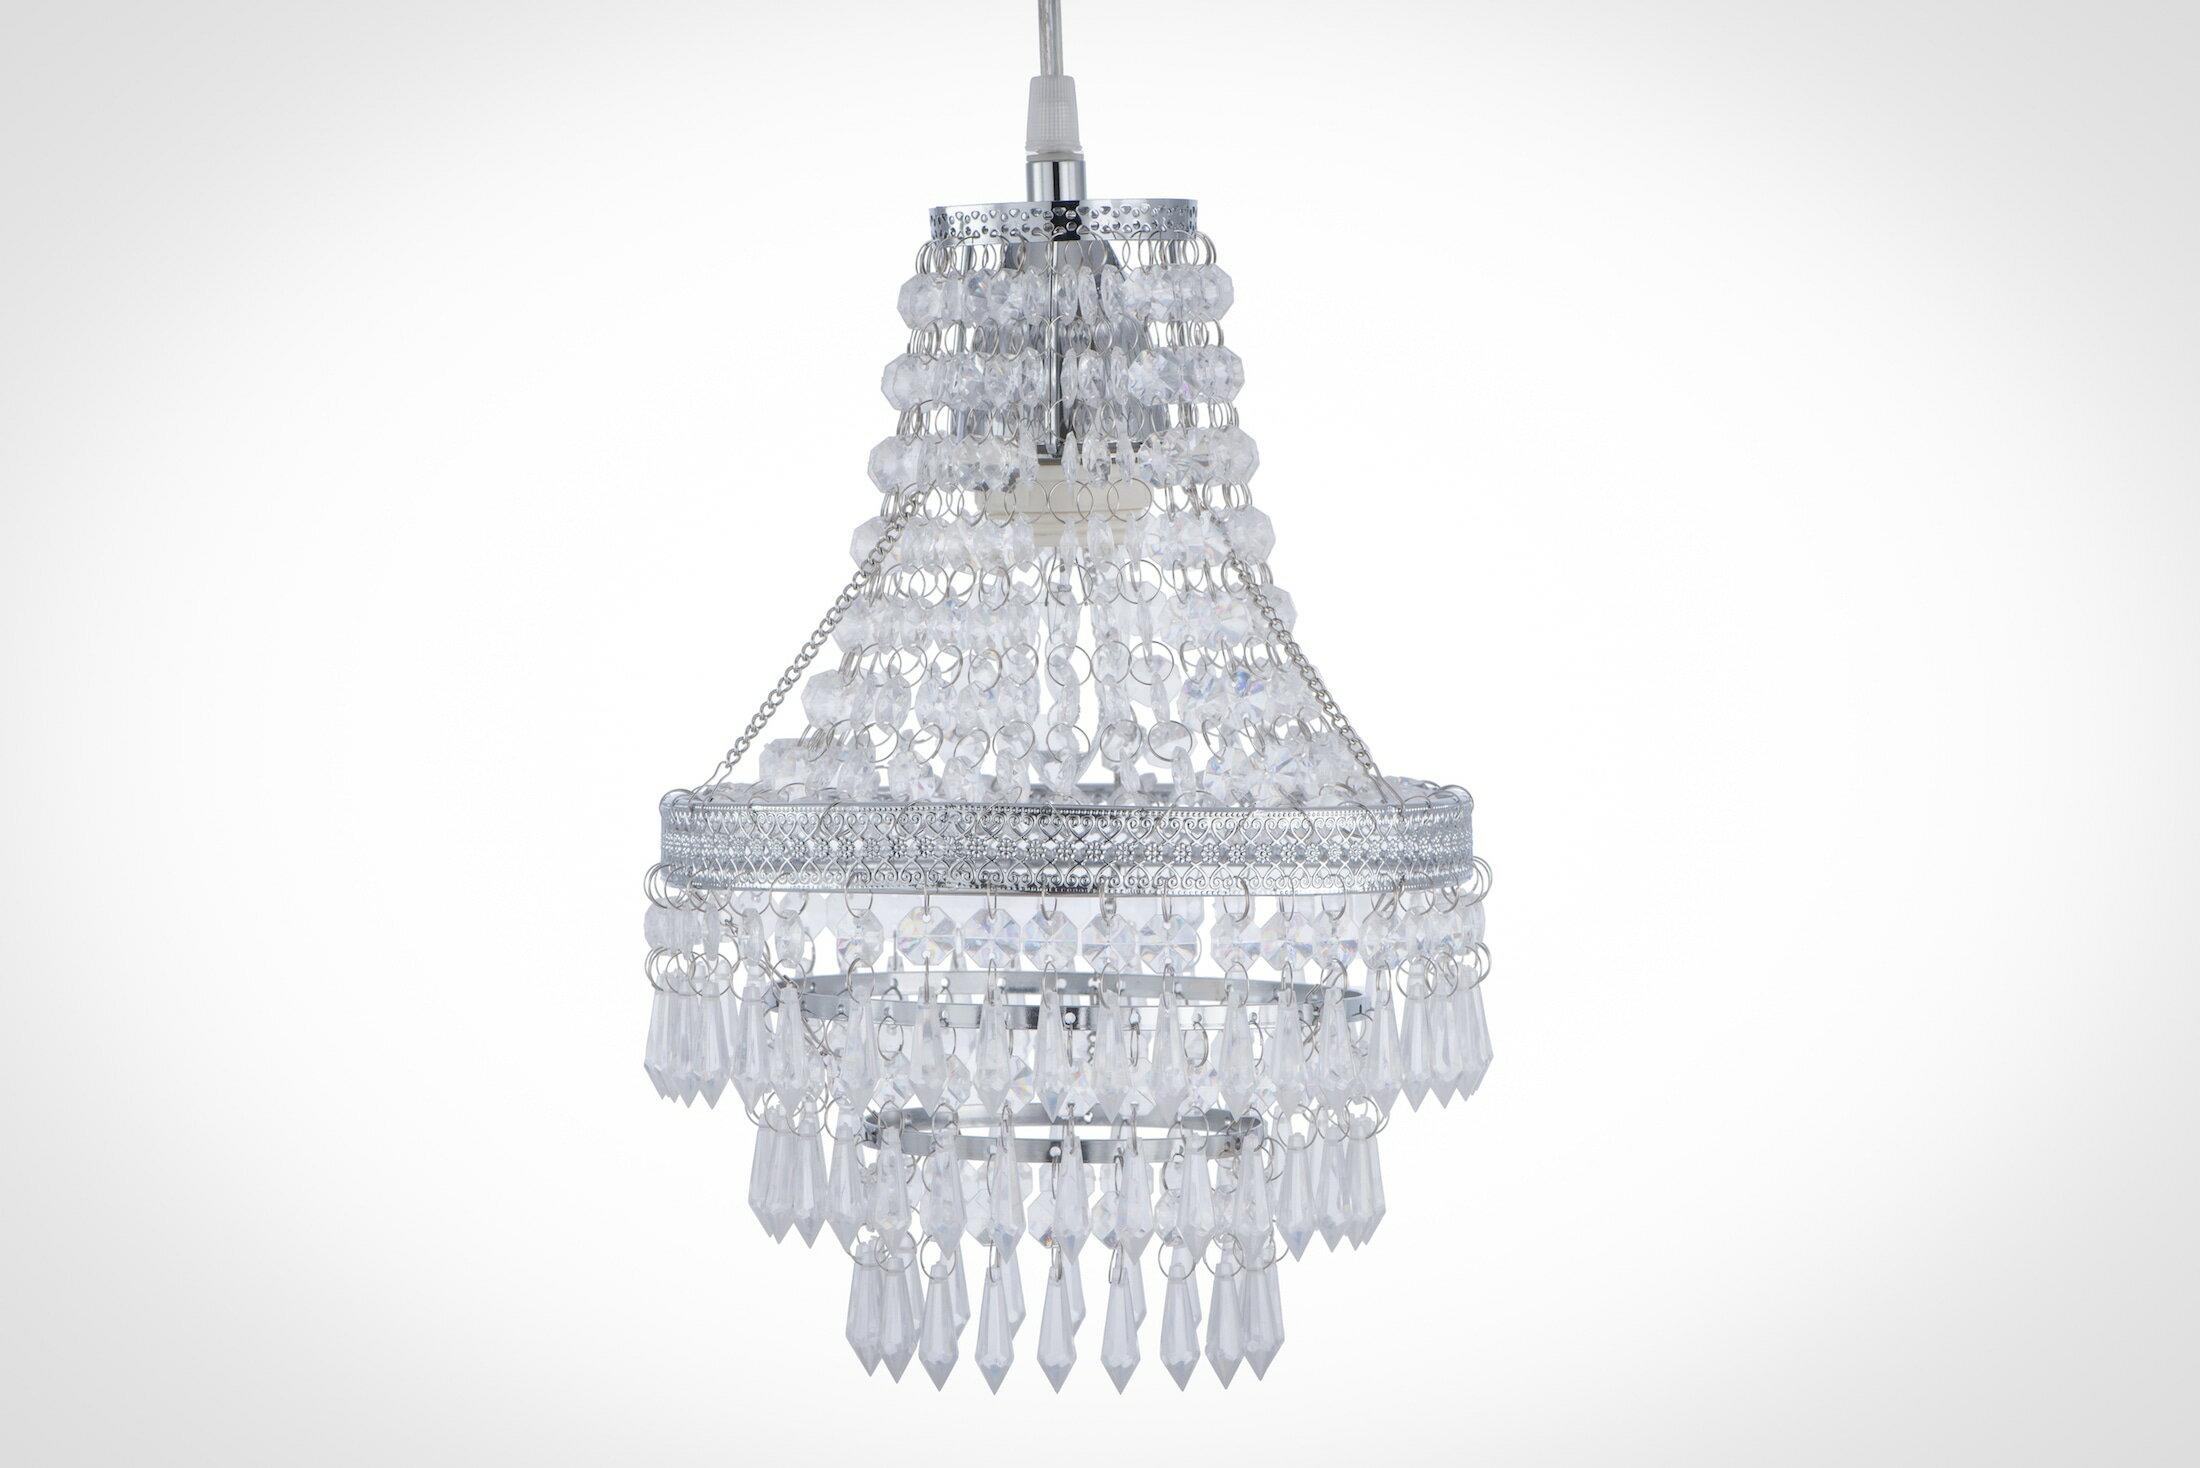 鍍鉻色華麗透明壓克力珠吊燈-BNL00022 0